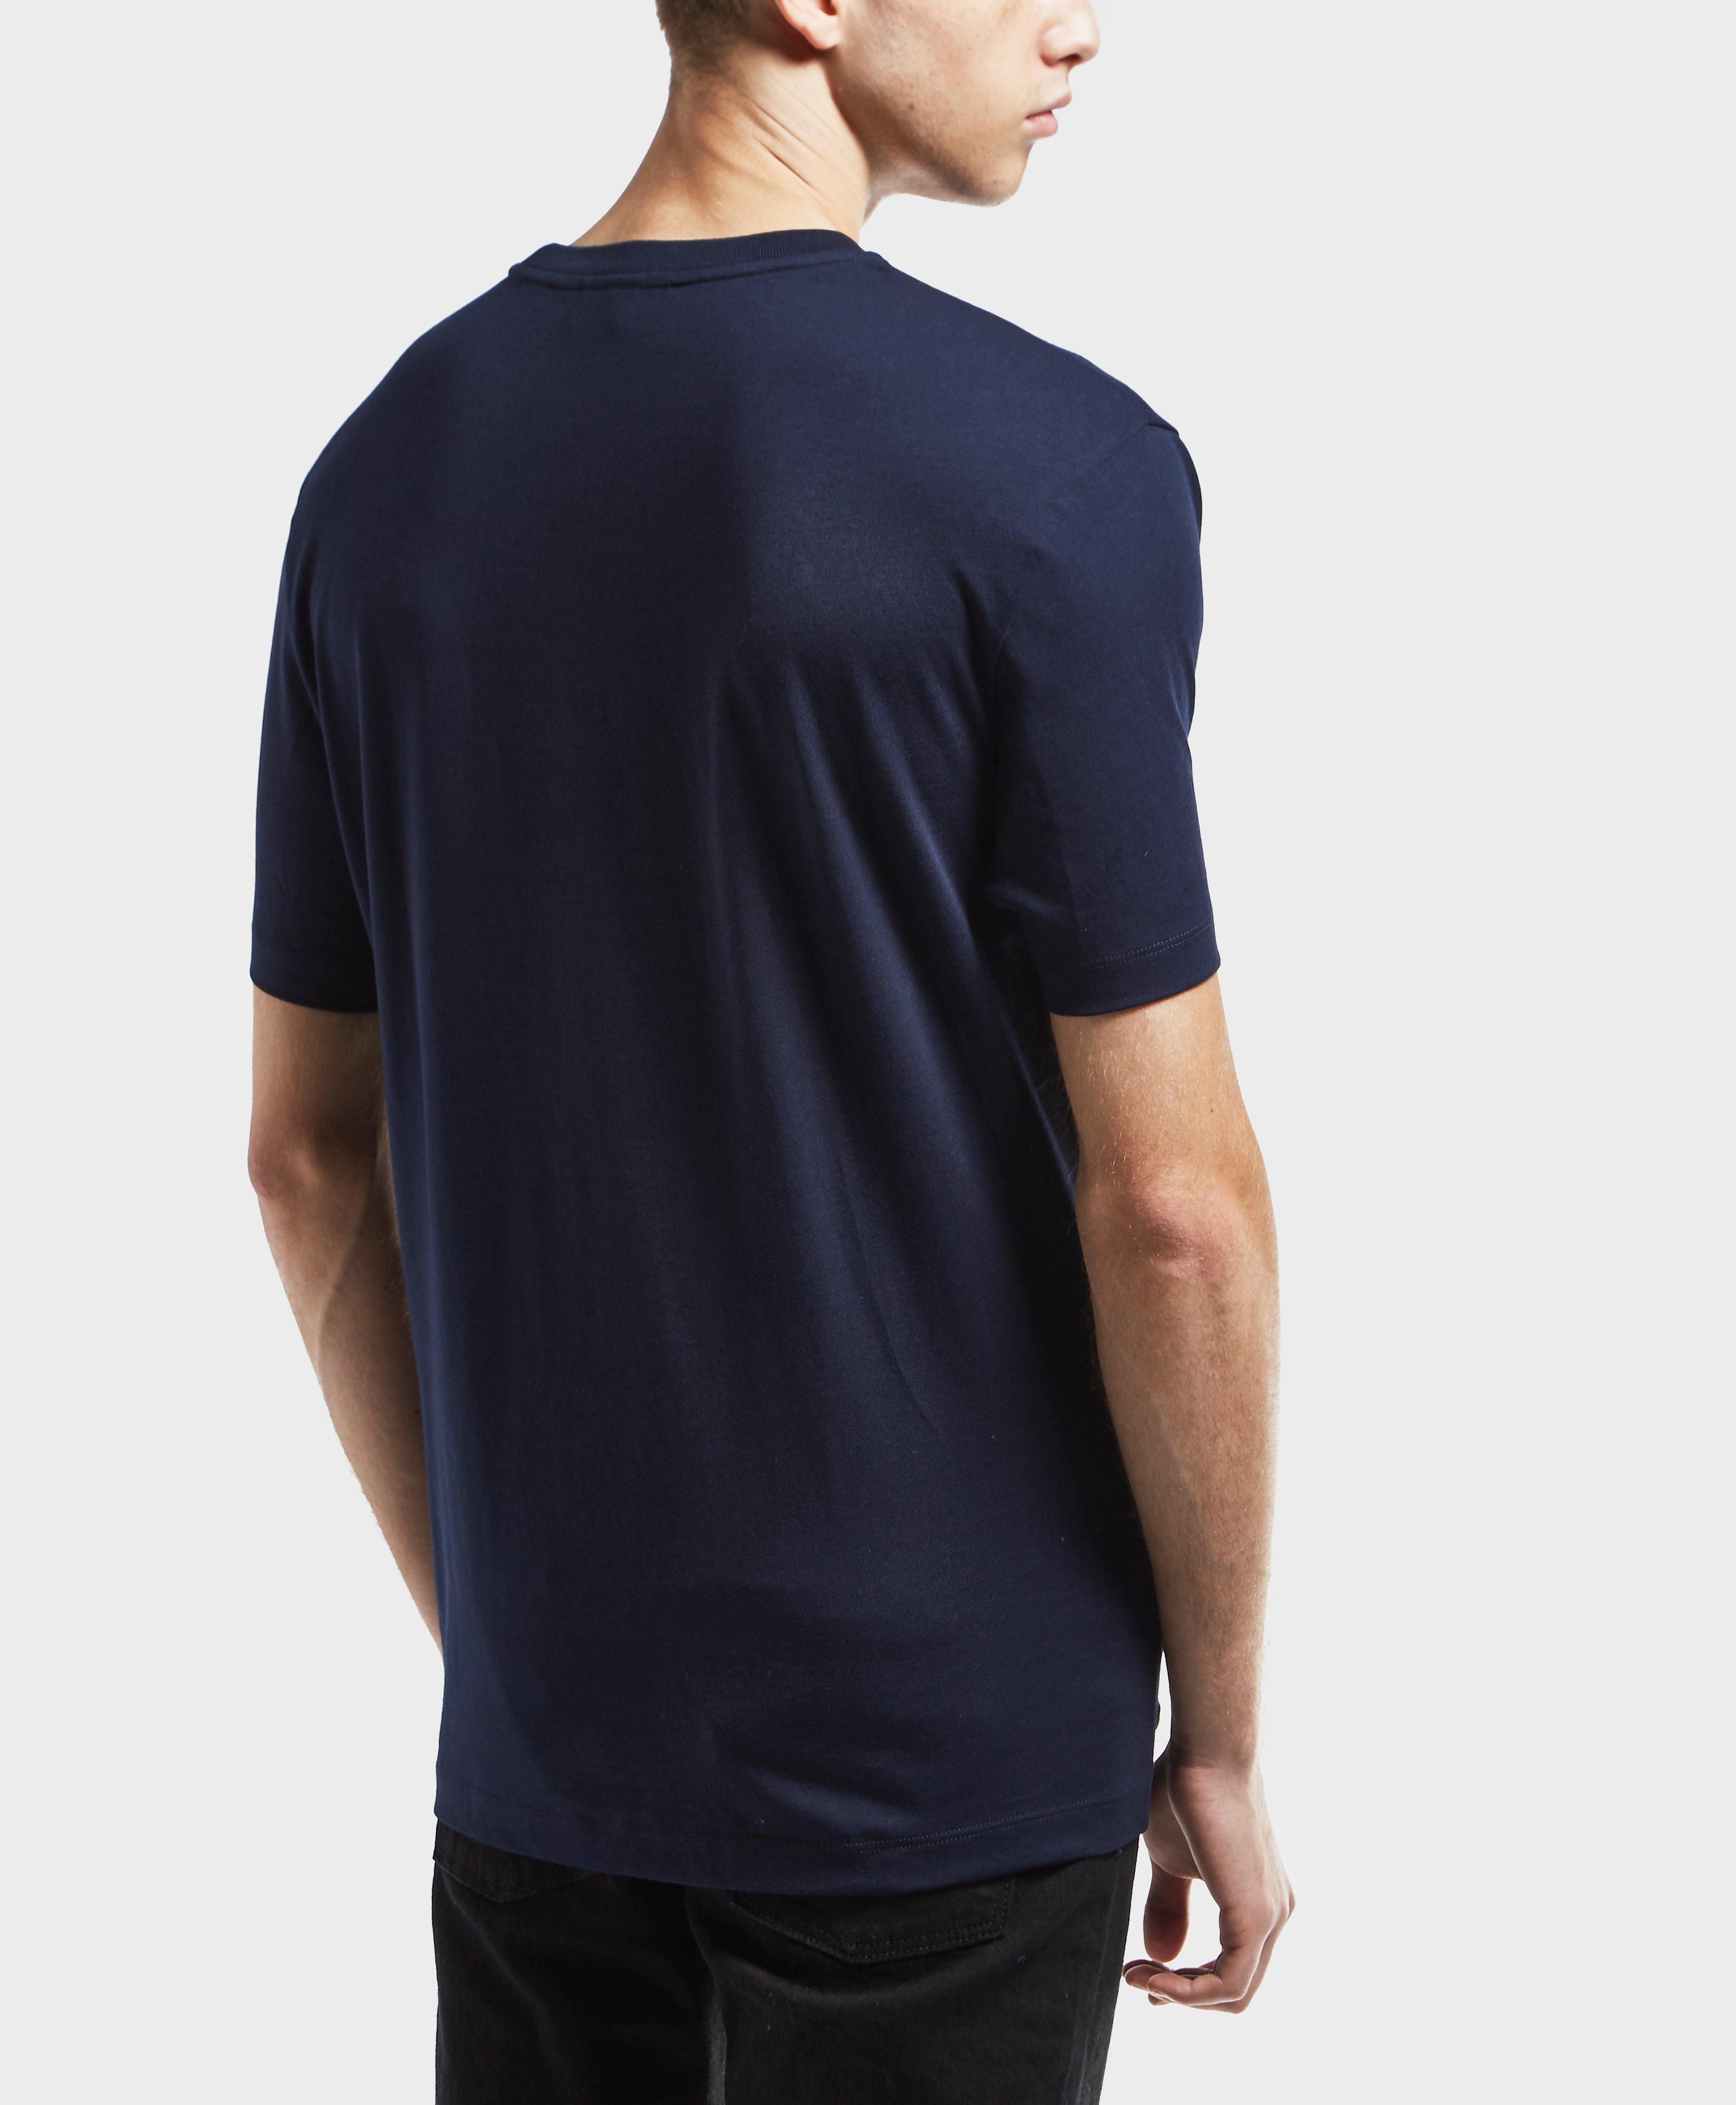 lacoste logo short sleeve t shirt in blue for men lyst. Black Bedroom Furniture Sets. Home Design Ideas